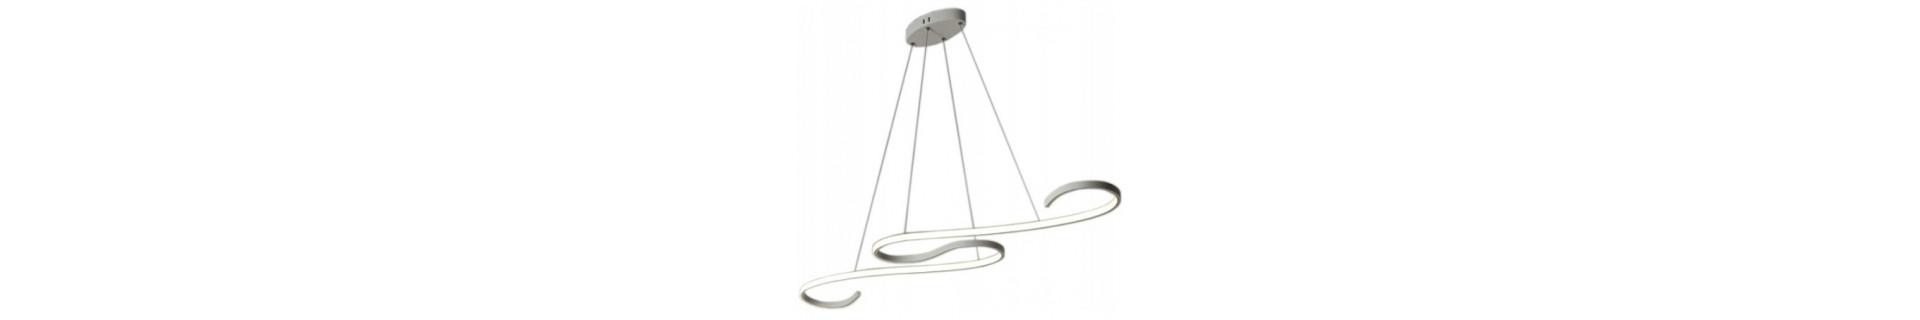 Nowoczesne źródła światła LED do jadalni. Odmień swoje wnętrze dzięki oryginalnemu designowi.